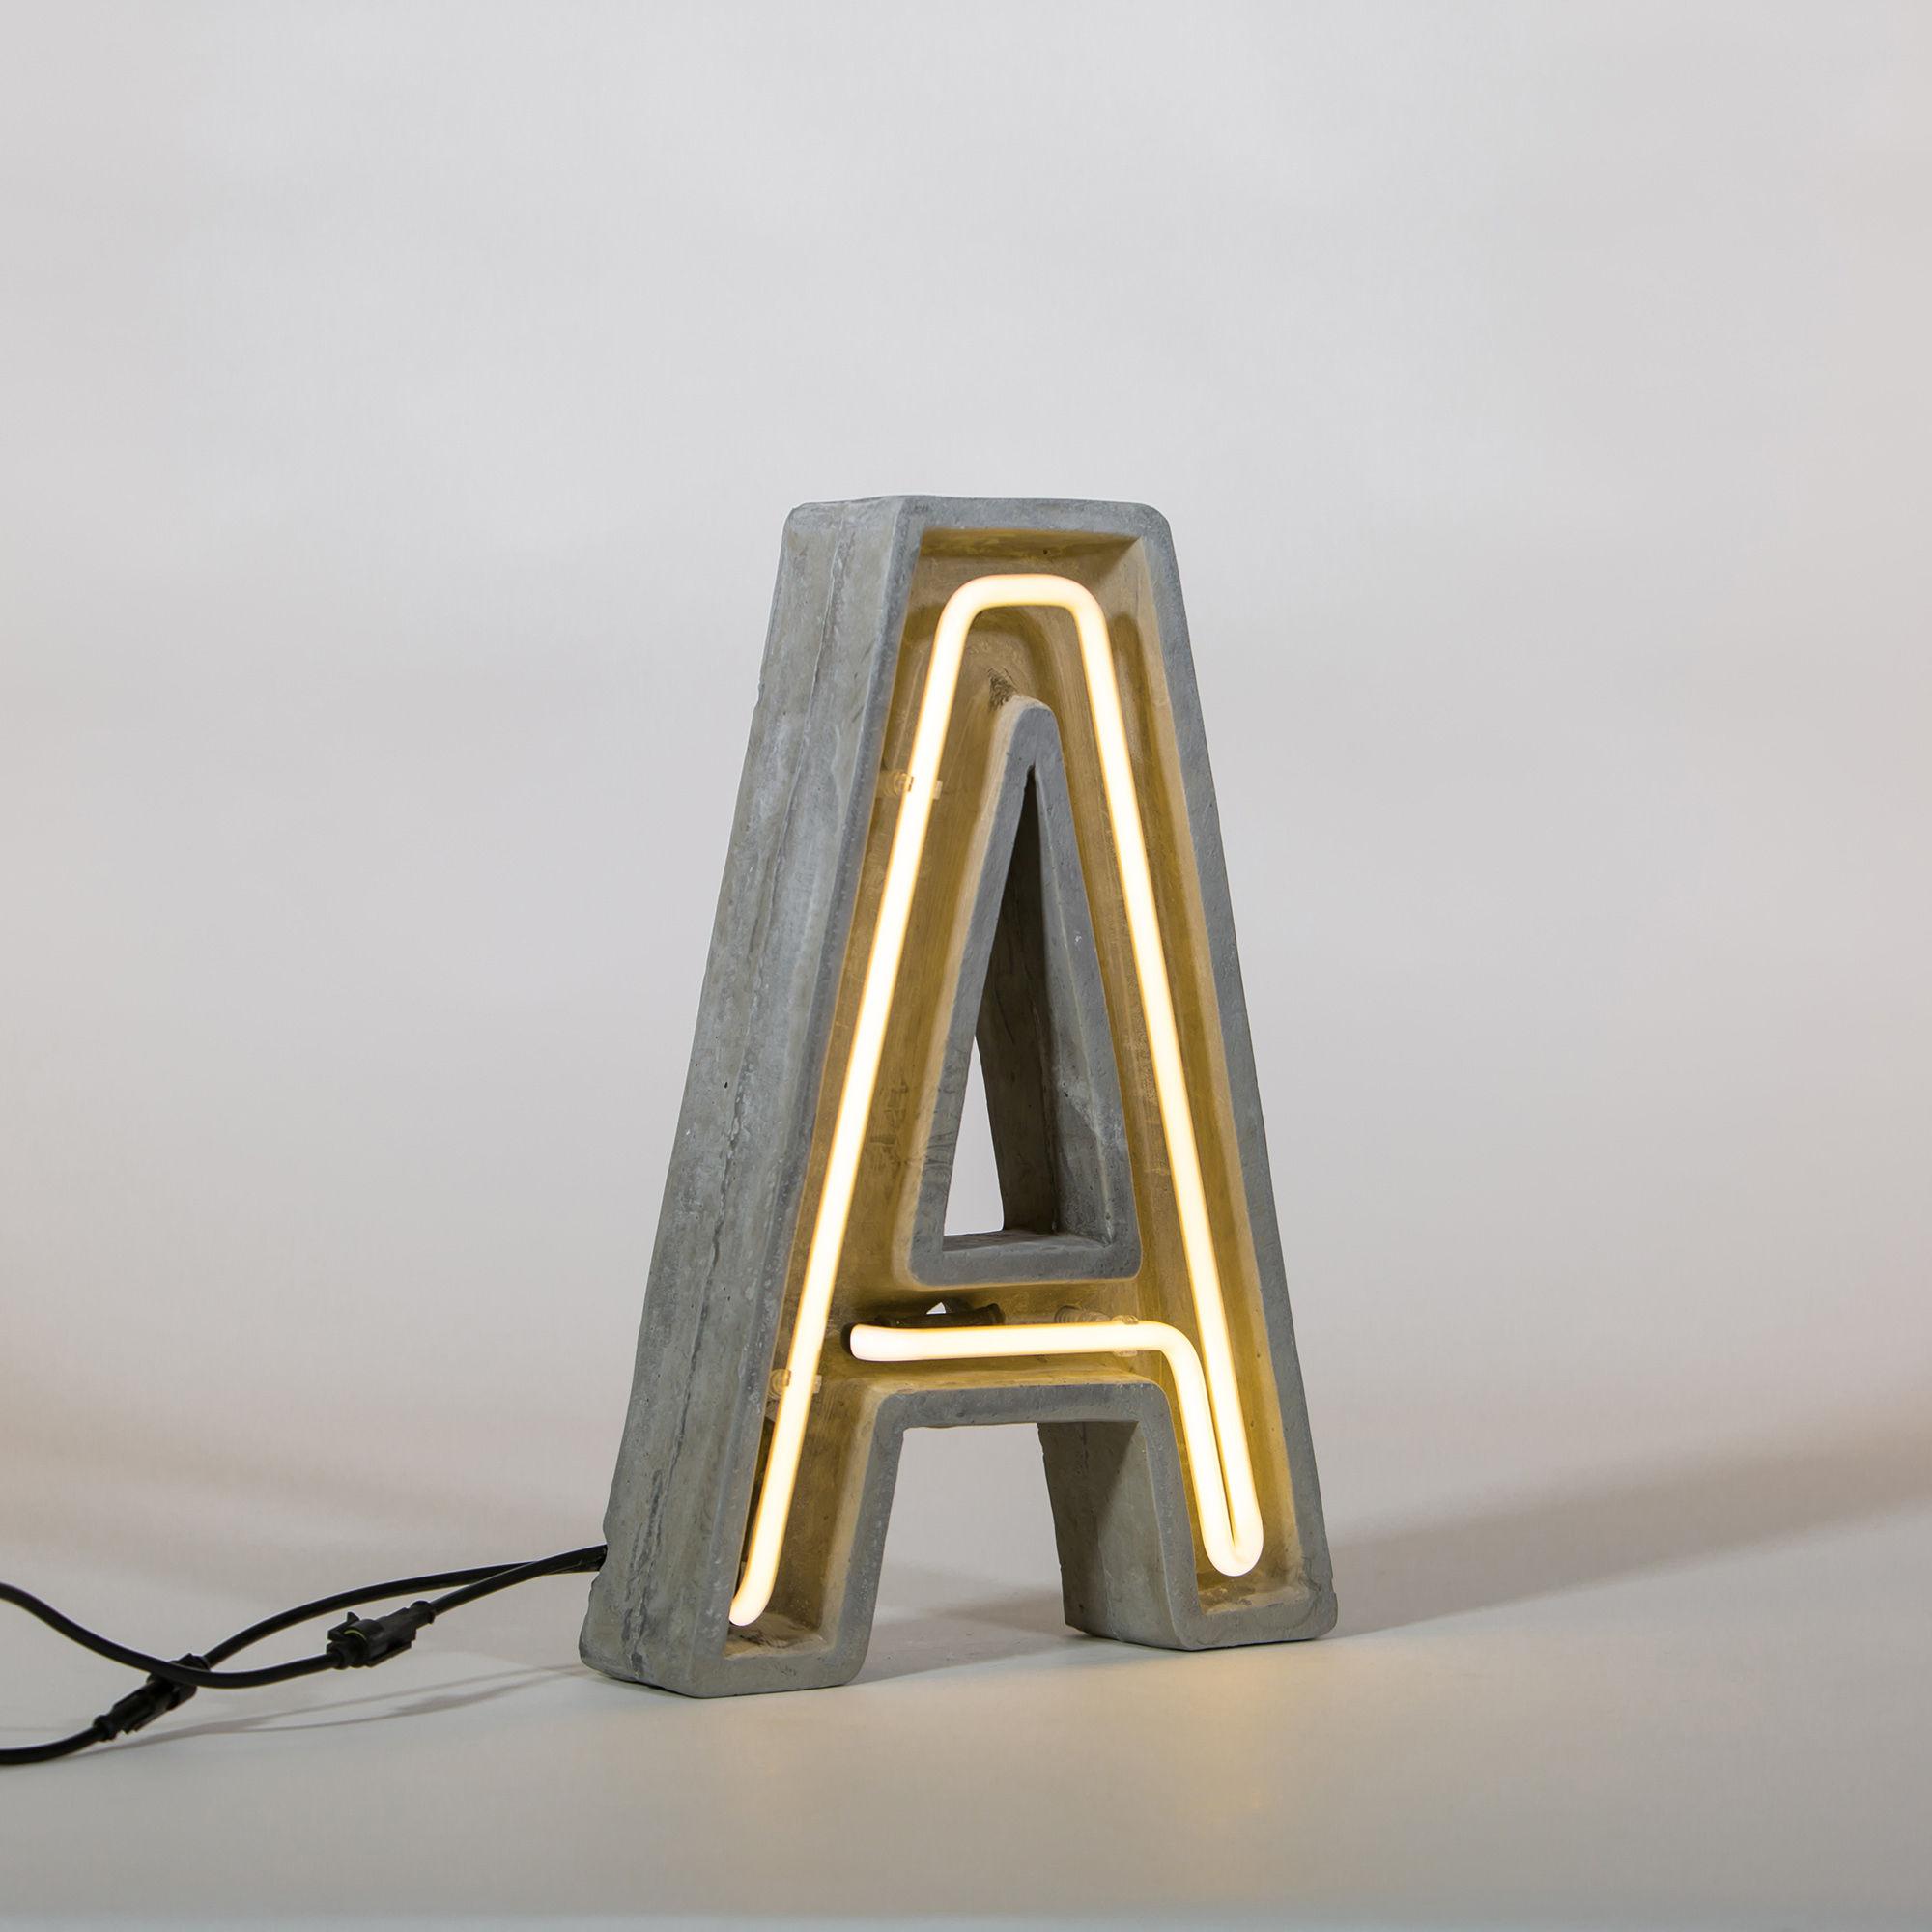 Leuchten - Tischleuchten - Néon Alphacrete Tischleuchte / Buchstabe A - Seletti - Buchstabe A - Glas, Zement